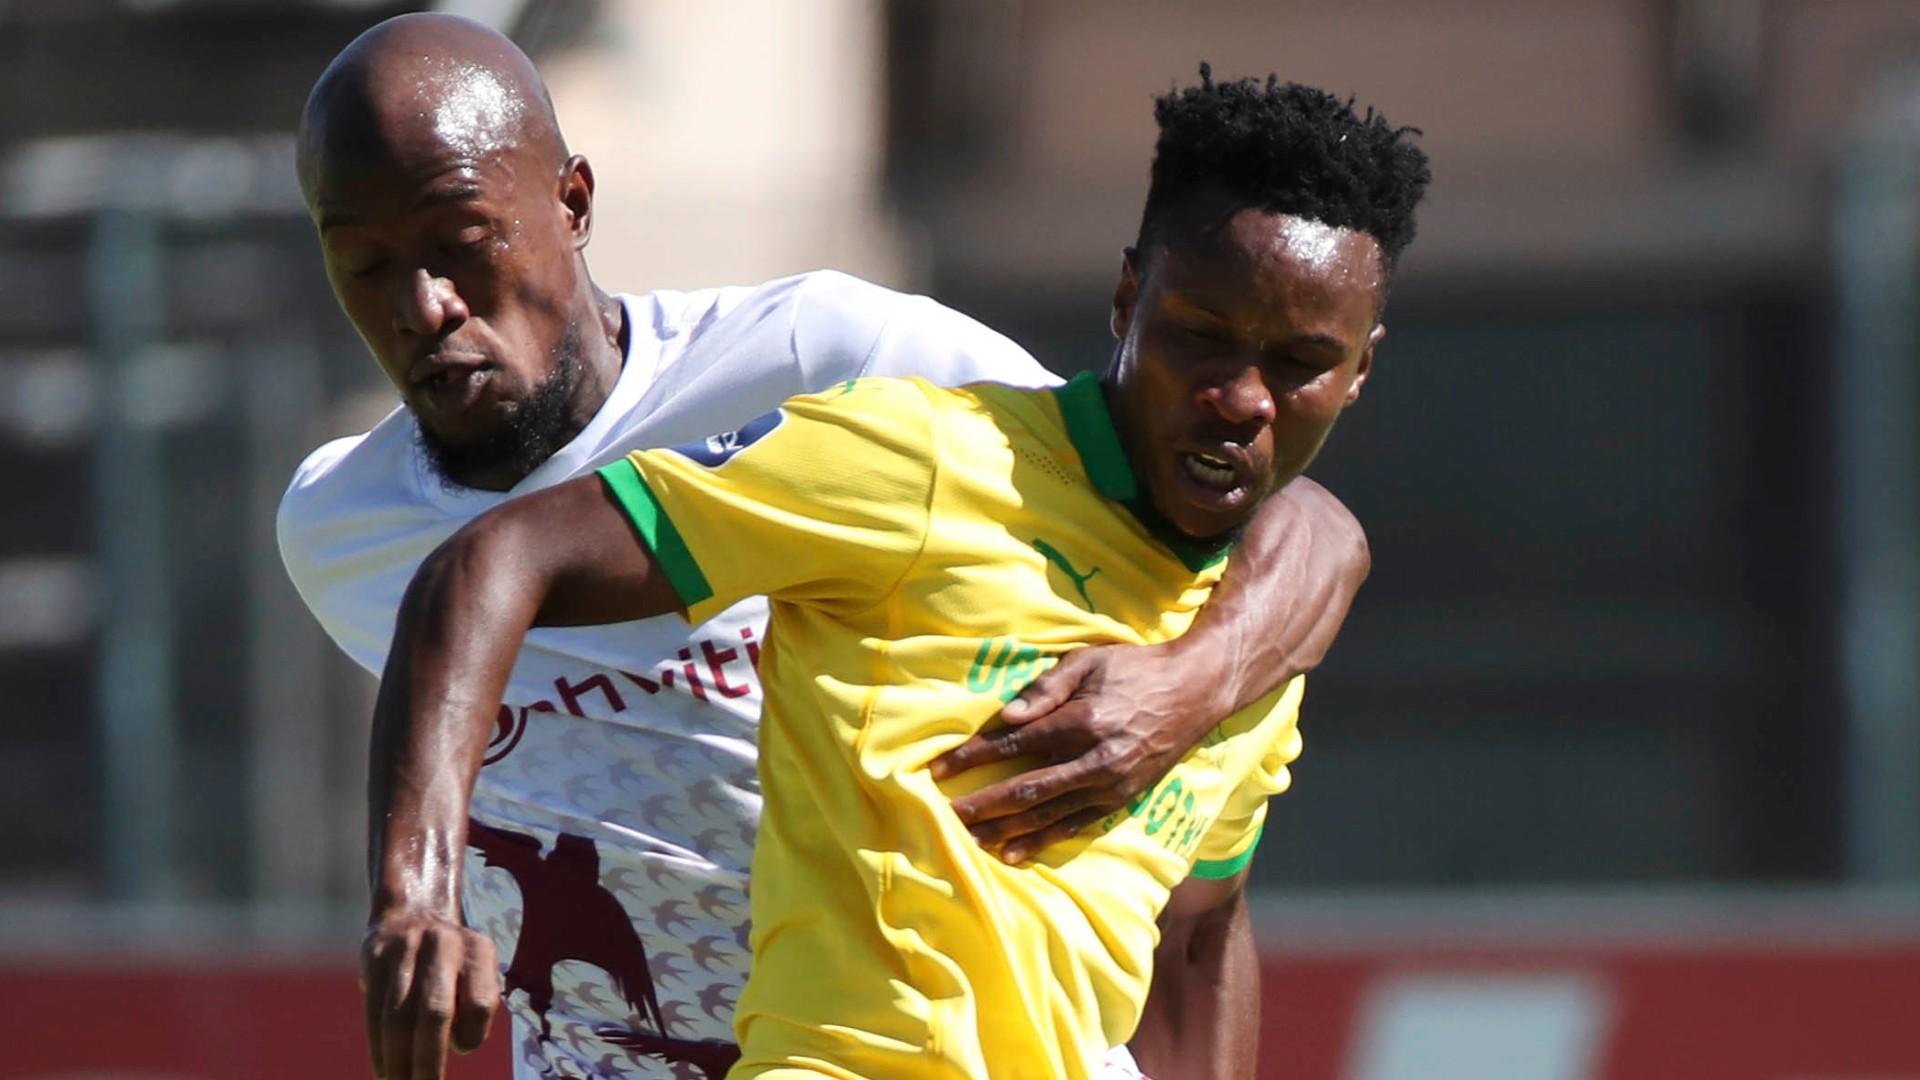 Mamelodi Sundowns 1-1 Swallows FC: Late goal denies Masandawana victory